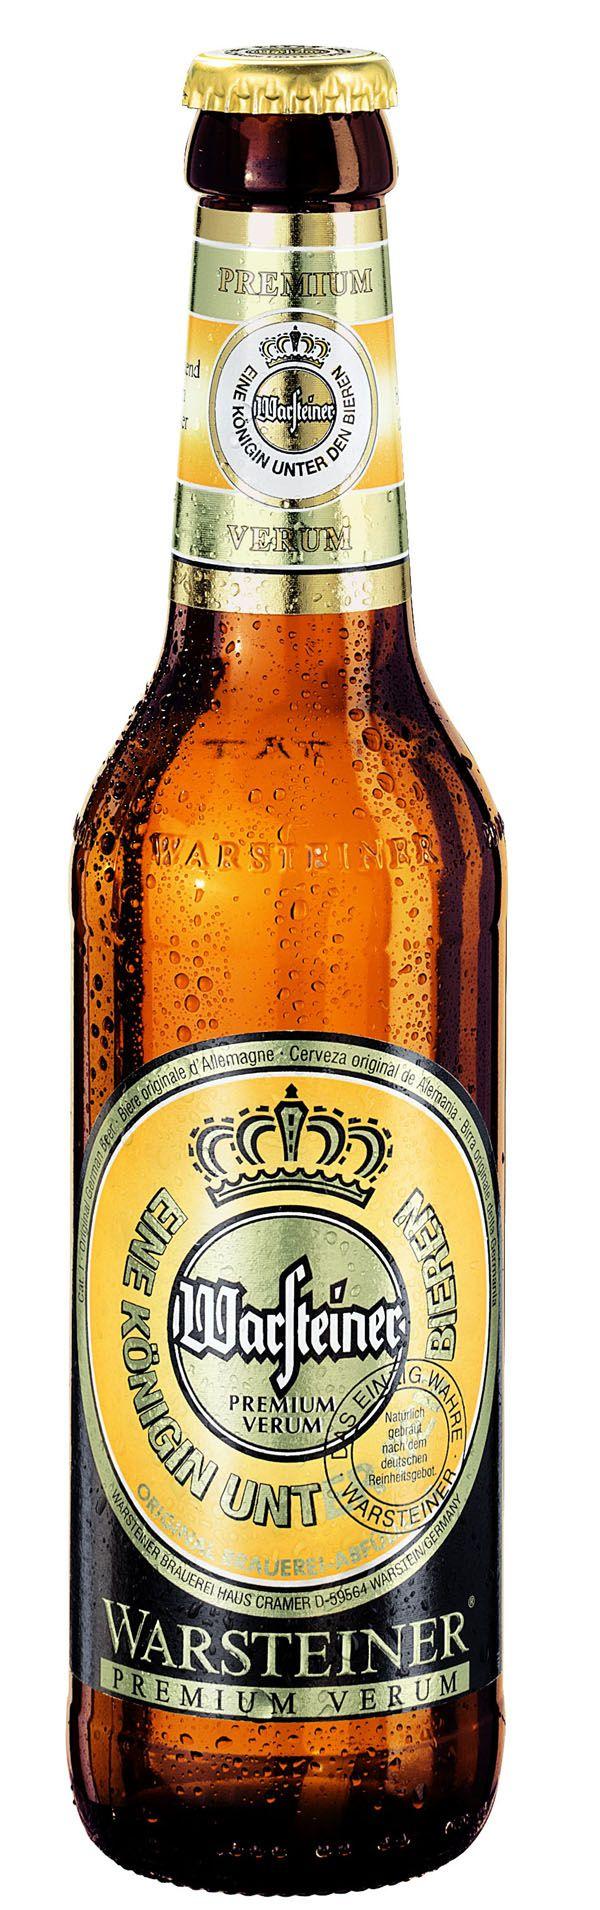 Warsteiner beer, Germany | Food & Drink | Pinterest ...